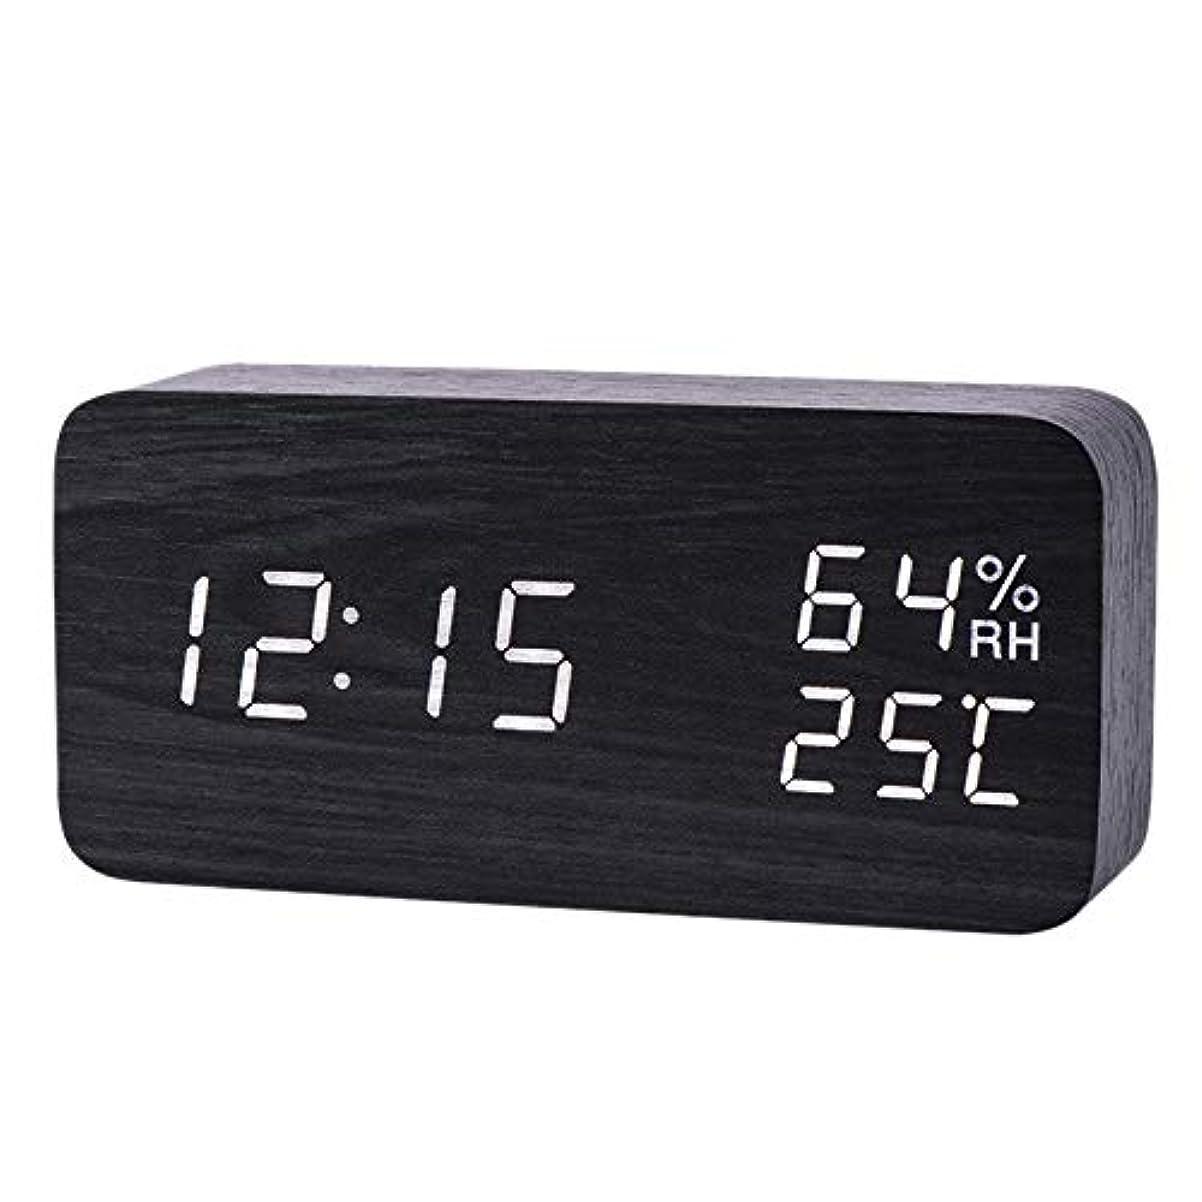 落ち着いたはっきりしないスキニーXigeapg モダンなLed目覚まし時計、温度、湿度、電子デスクトップのデジタル置時計、黒色 + 白色の字幕